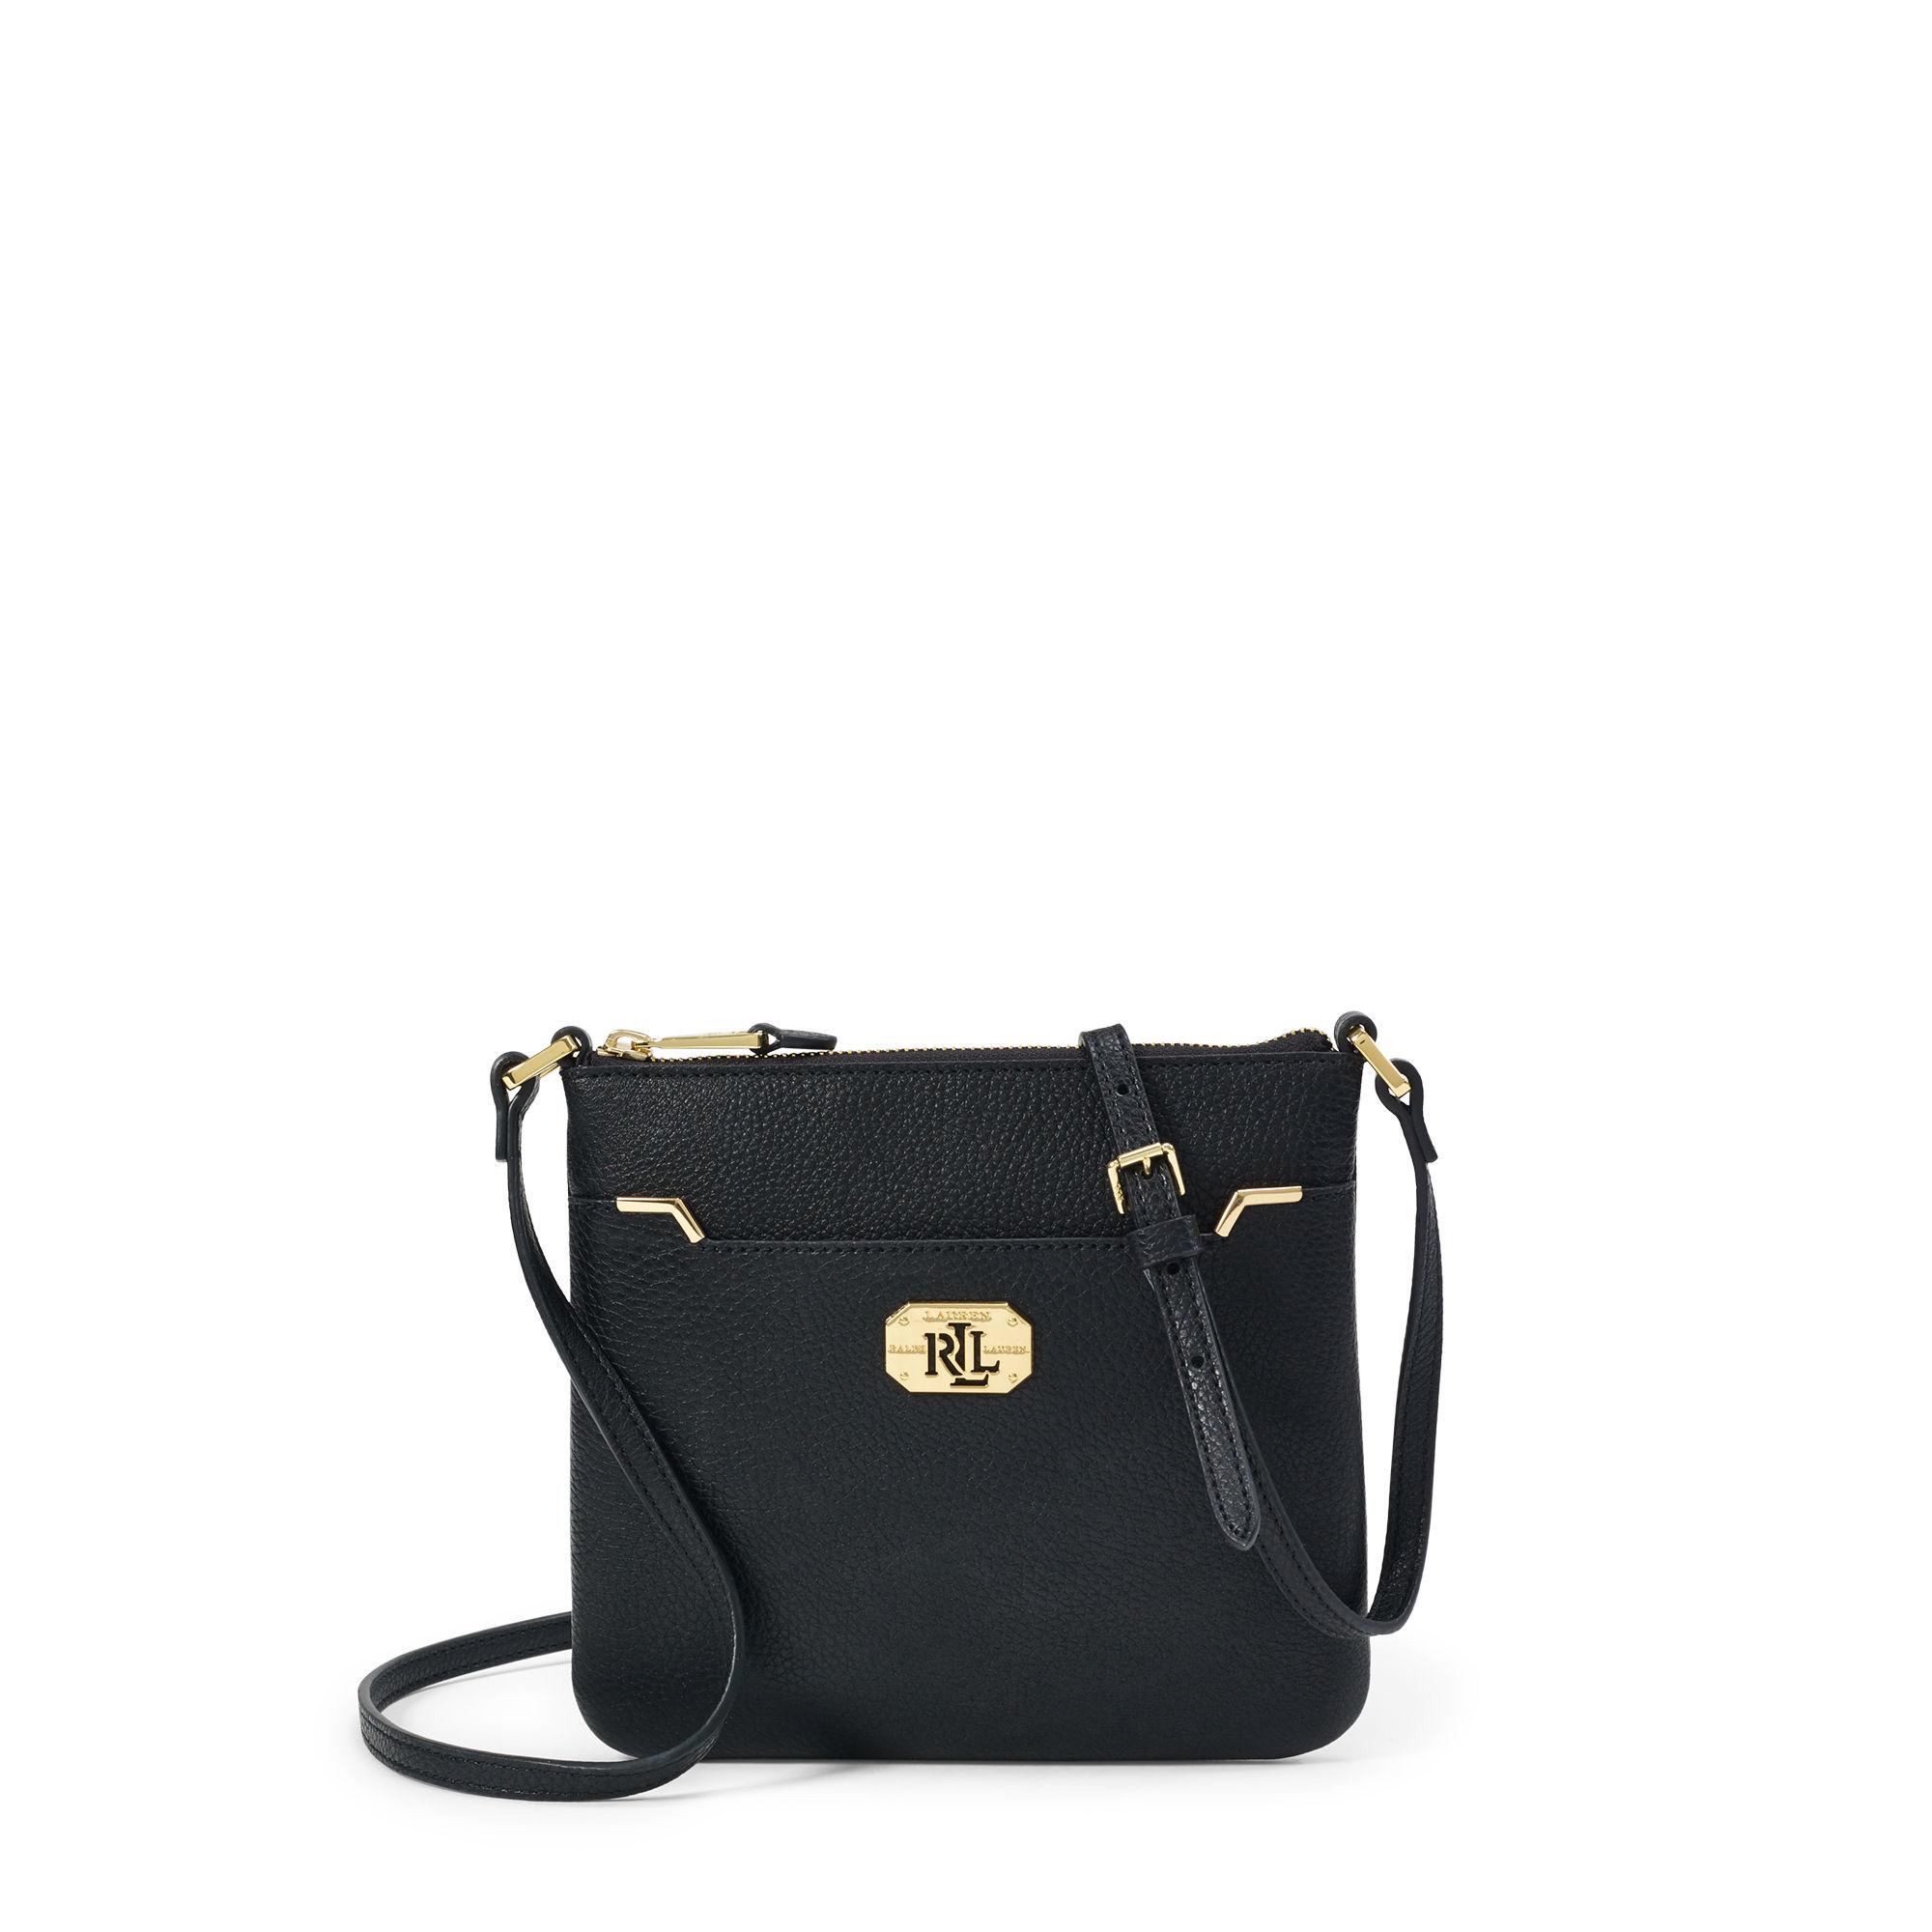 Ralph Lauren Acadia Cross-body Bag in Black - Lyst 66a504aa8de95